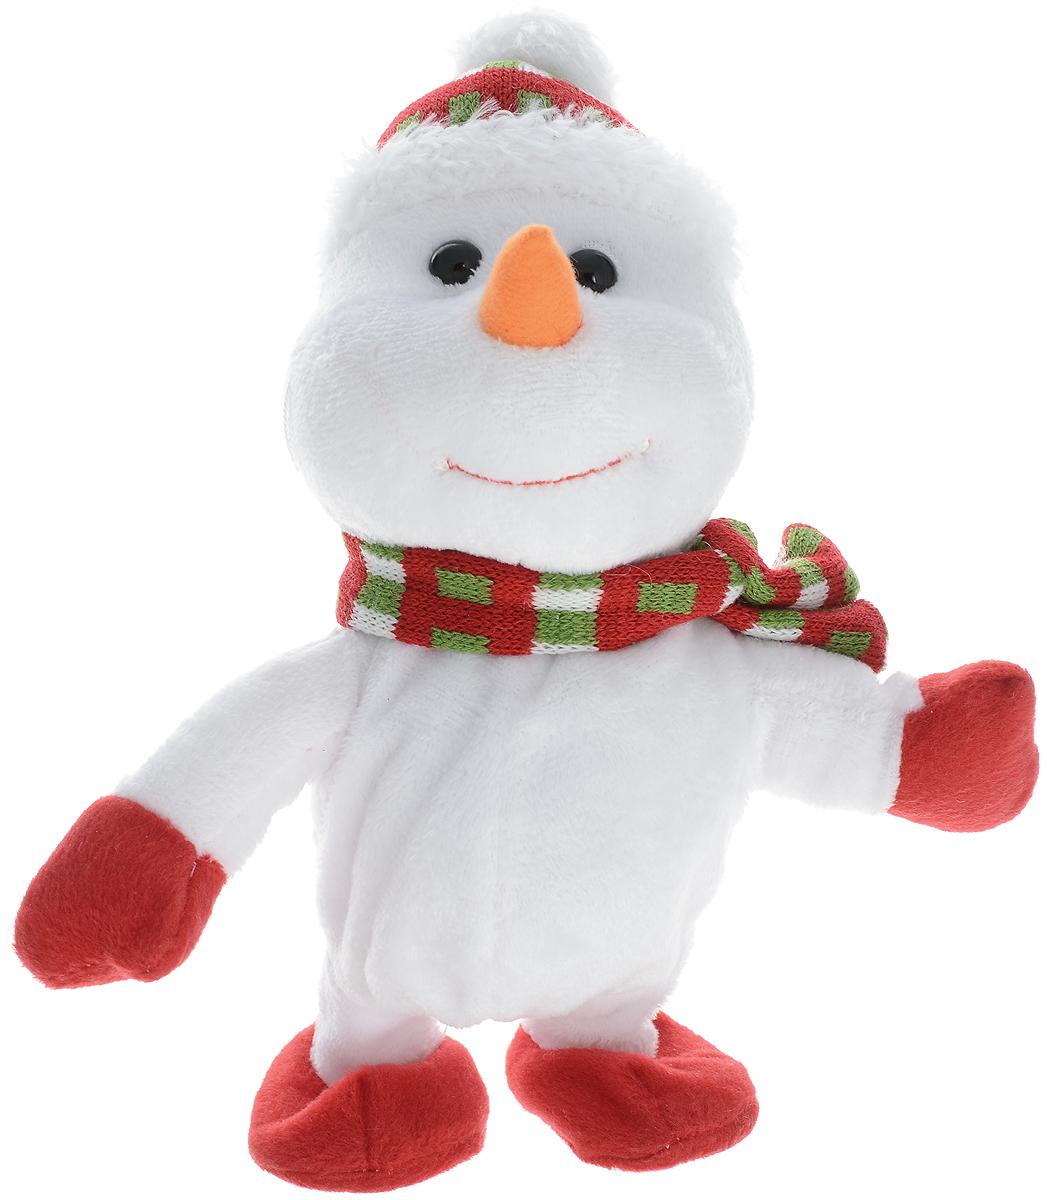 Lapa House Мягкая озвученная игрушка Снеговик Стюи 12 см мягкая игрушка арти м 29 см снеговик 861 002